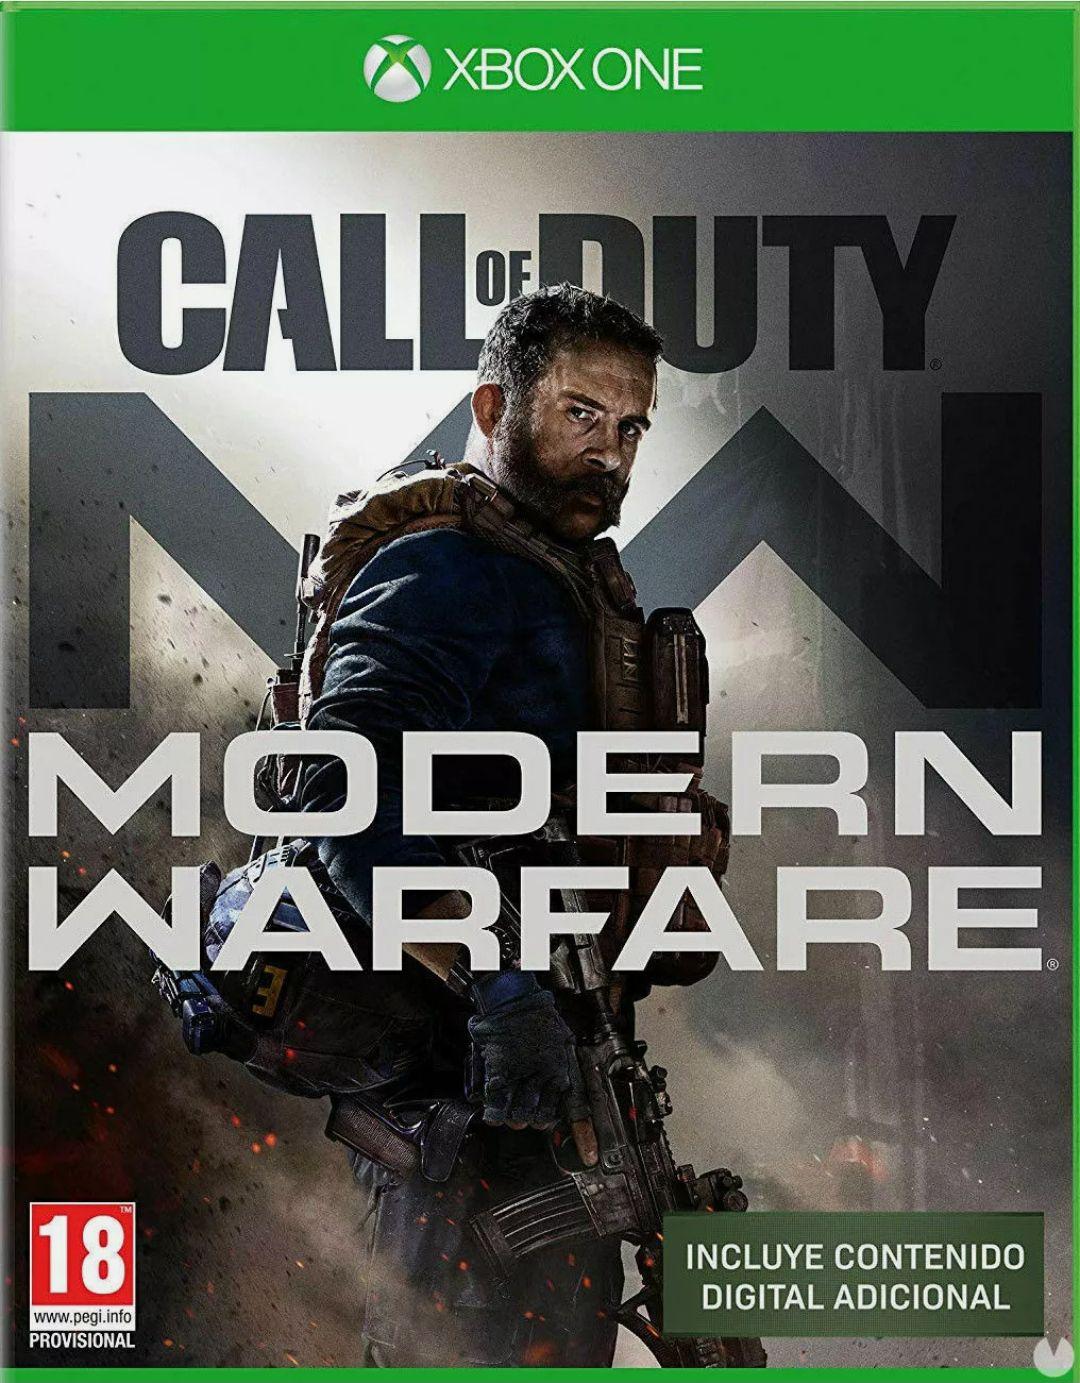 Call of Duty modern warfare Xbox box one (leer descripción) (Brasil)